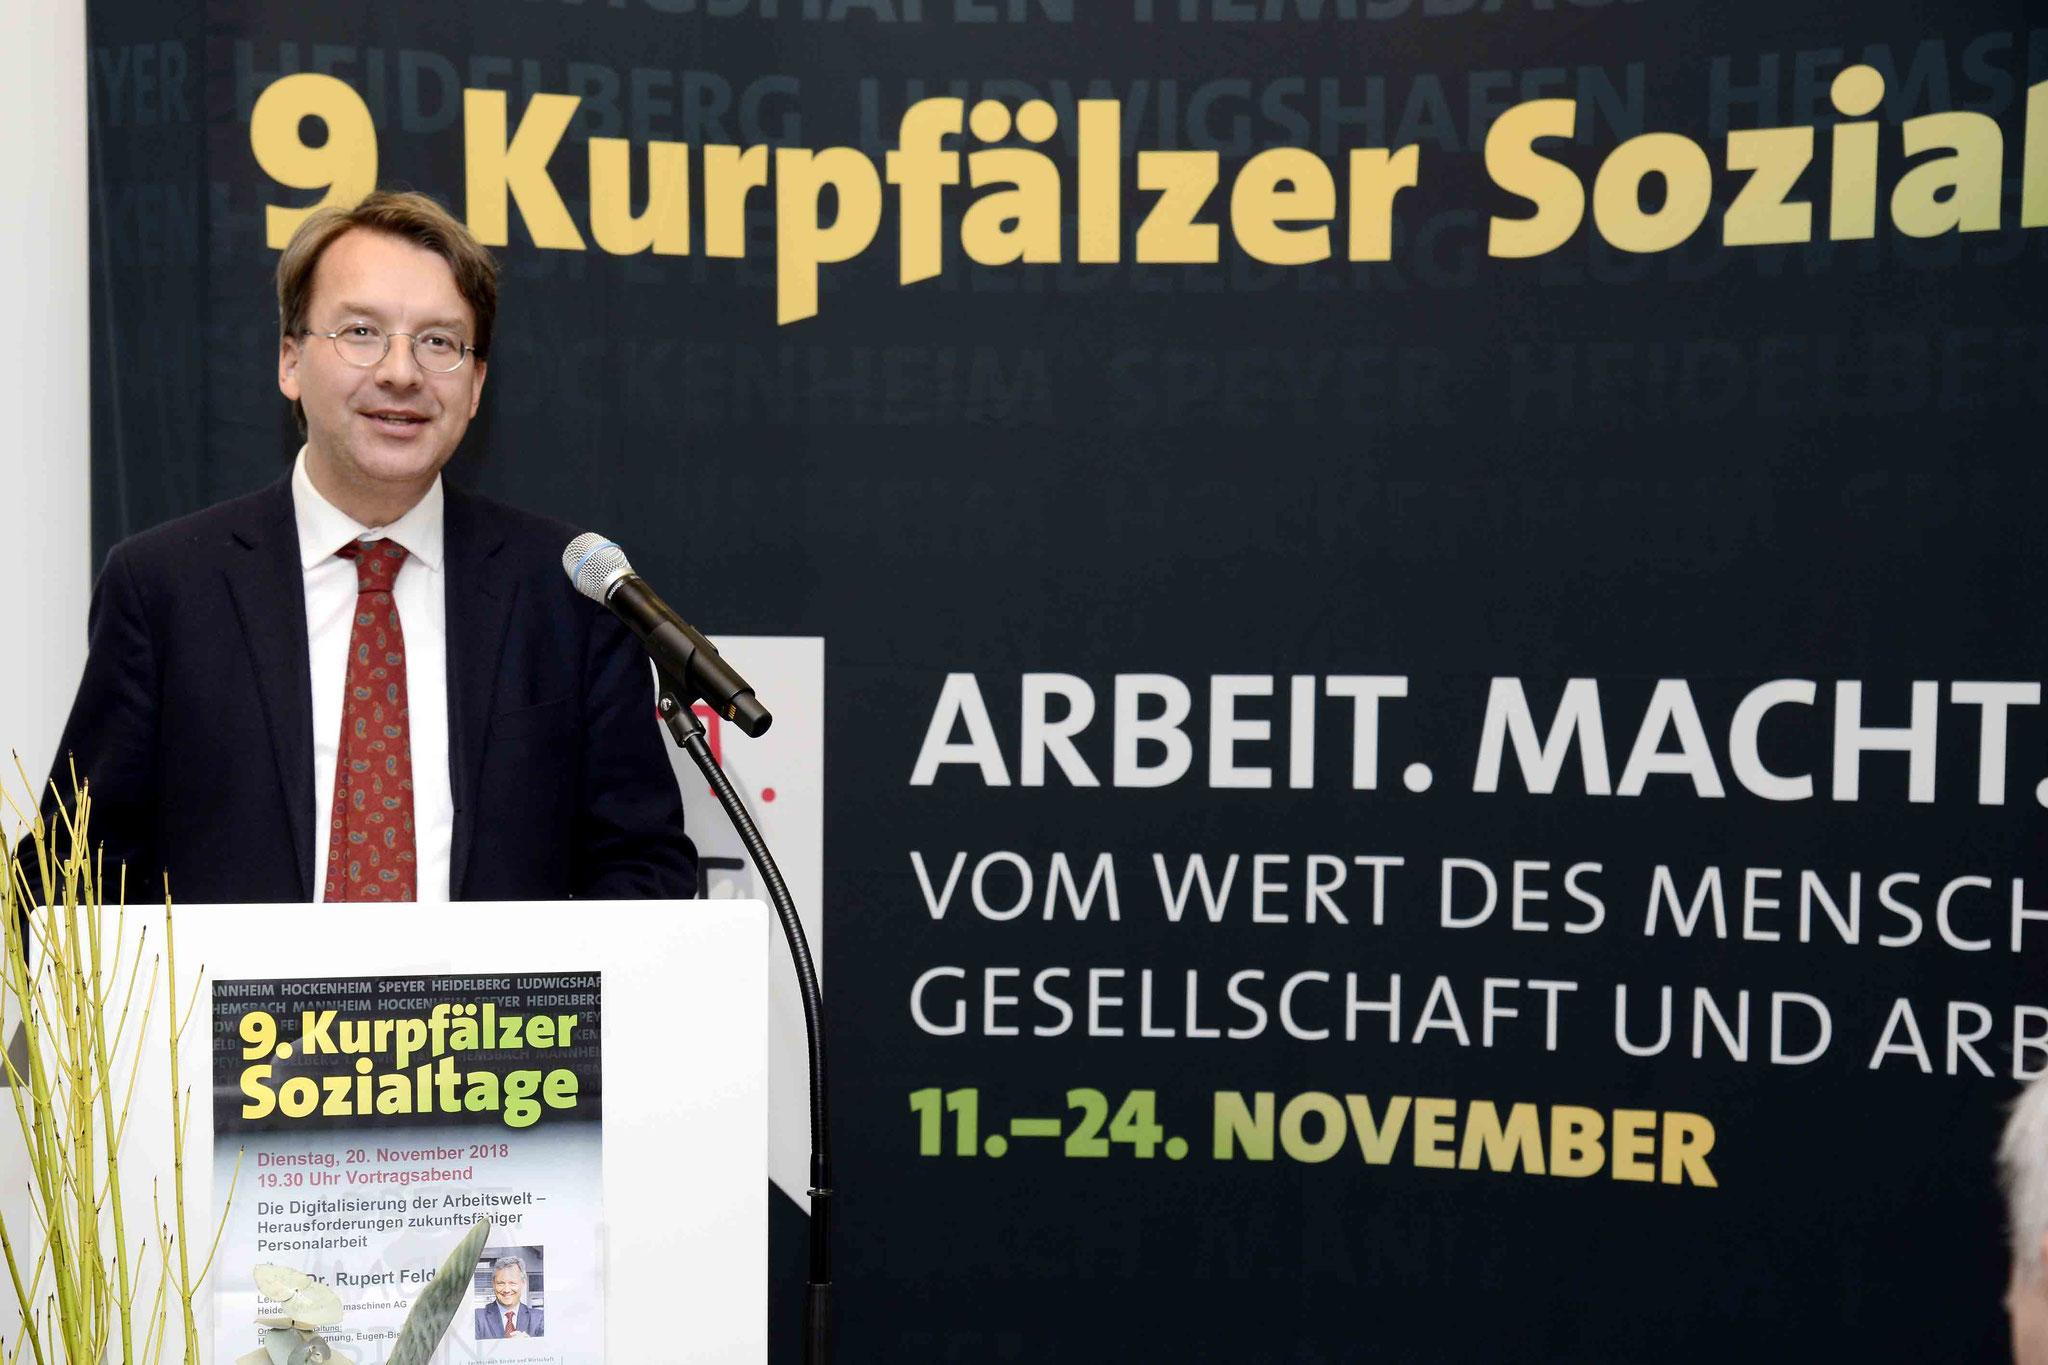 Dr. Gröpl, Bild: Copyright by Helmut G. Roos